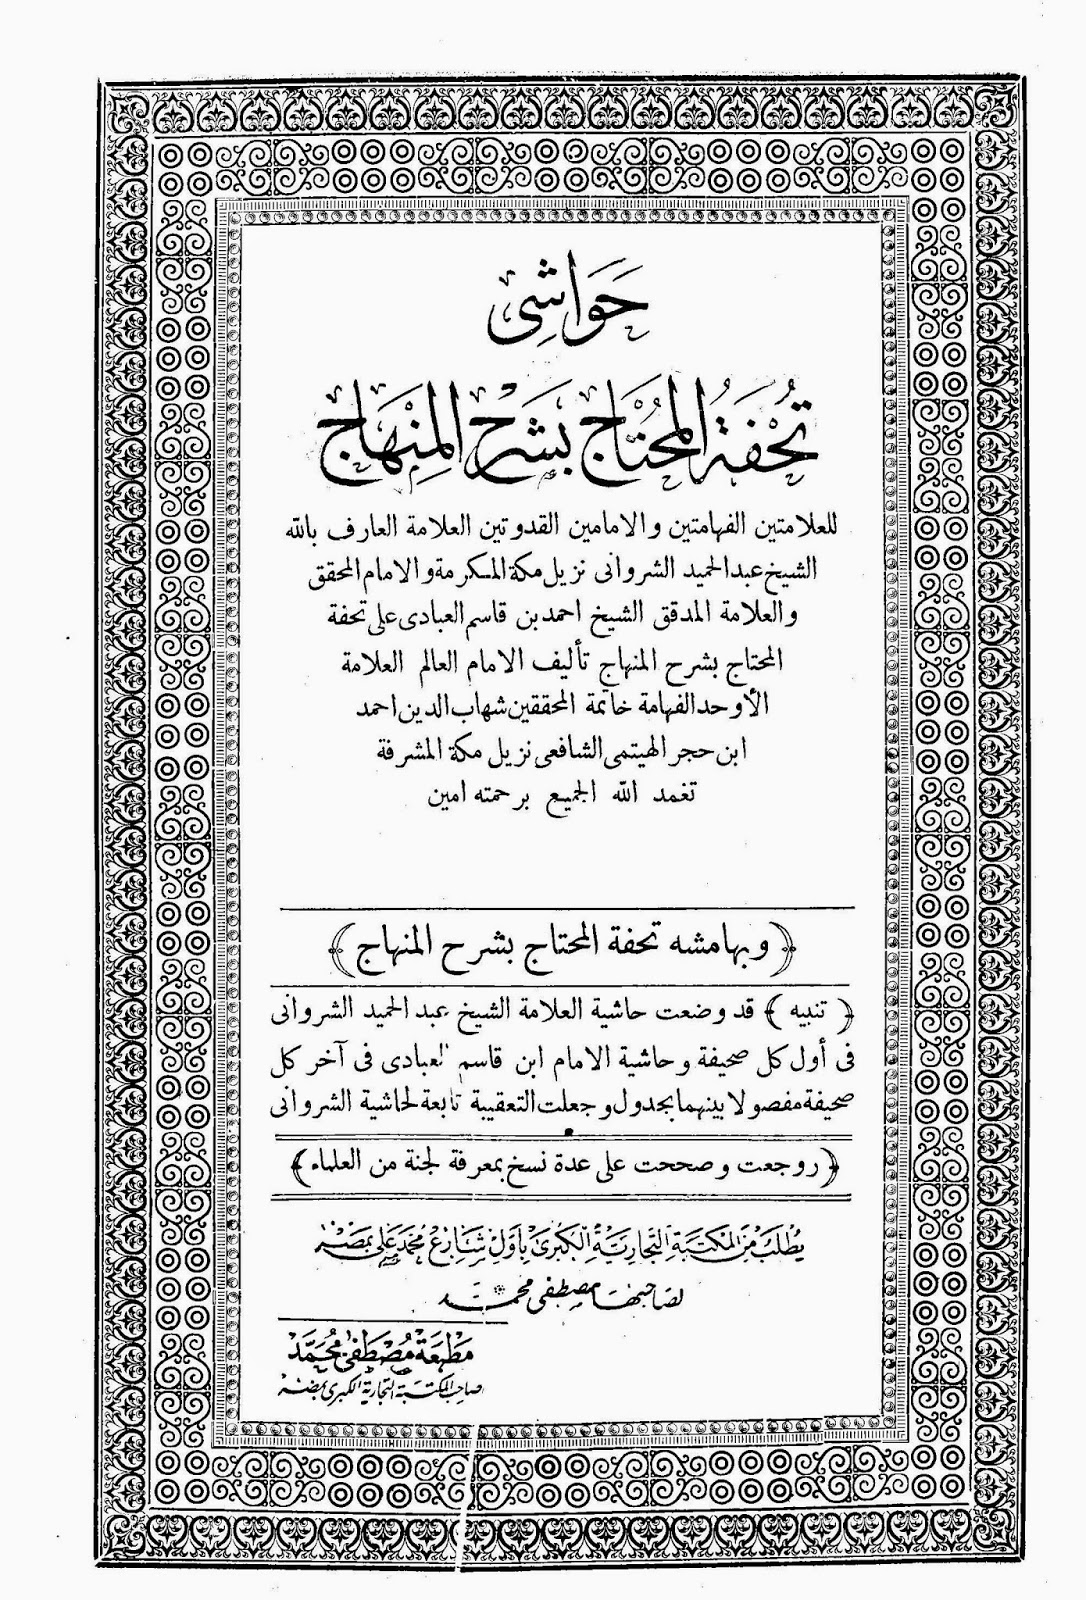 كتاب حواشي تحفة المحتاج ( 10 مجلدات على رابط واحد )